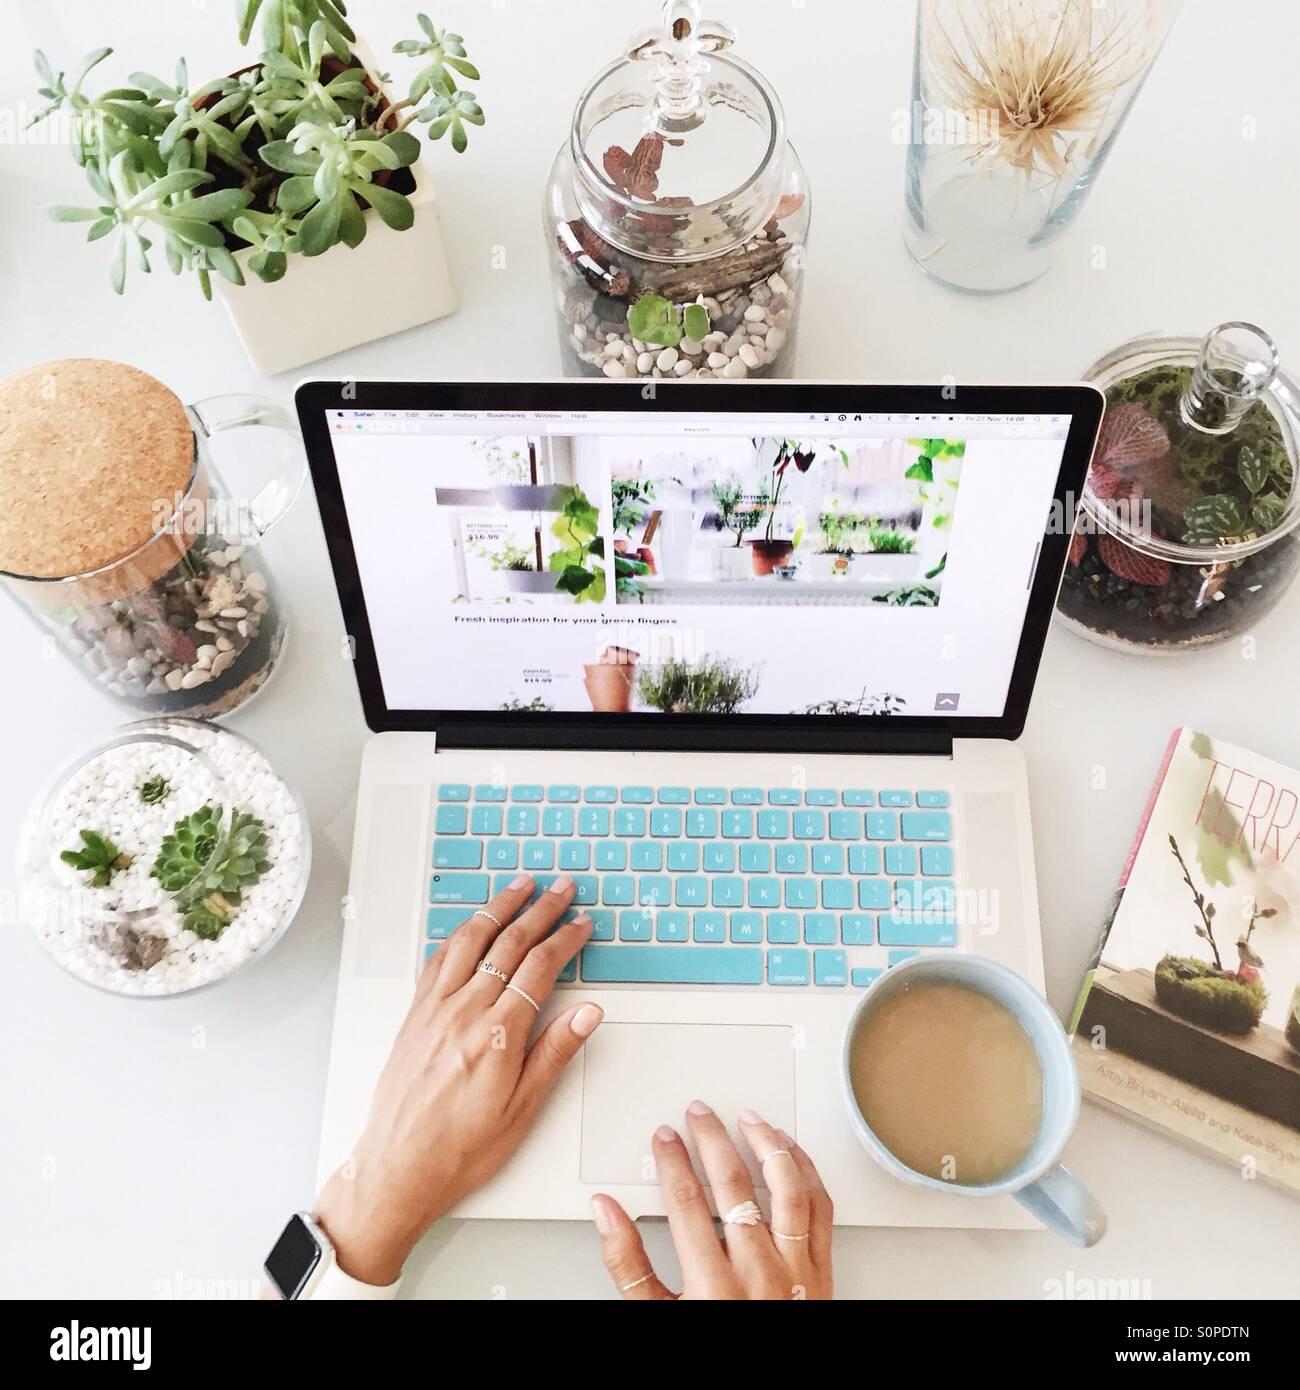 Travail sur le Mac avec une tasse de café entouré de terrariums avec plantes grasses et autres plantes Photo Stock